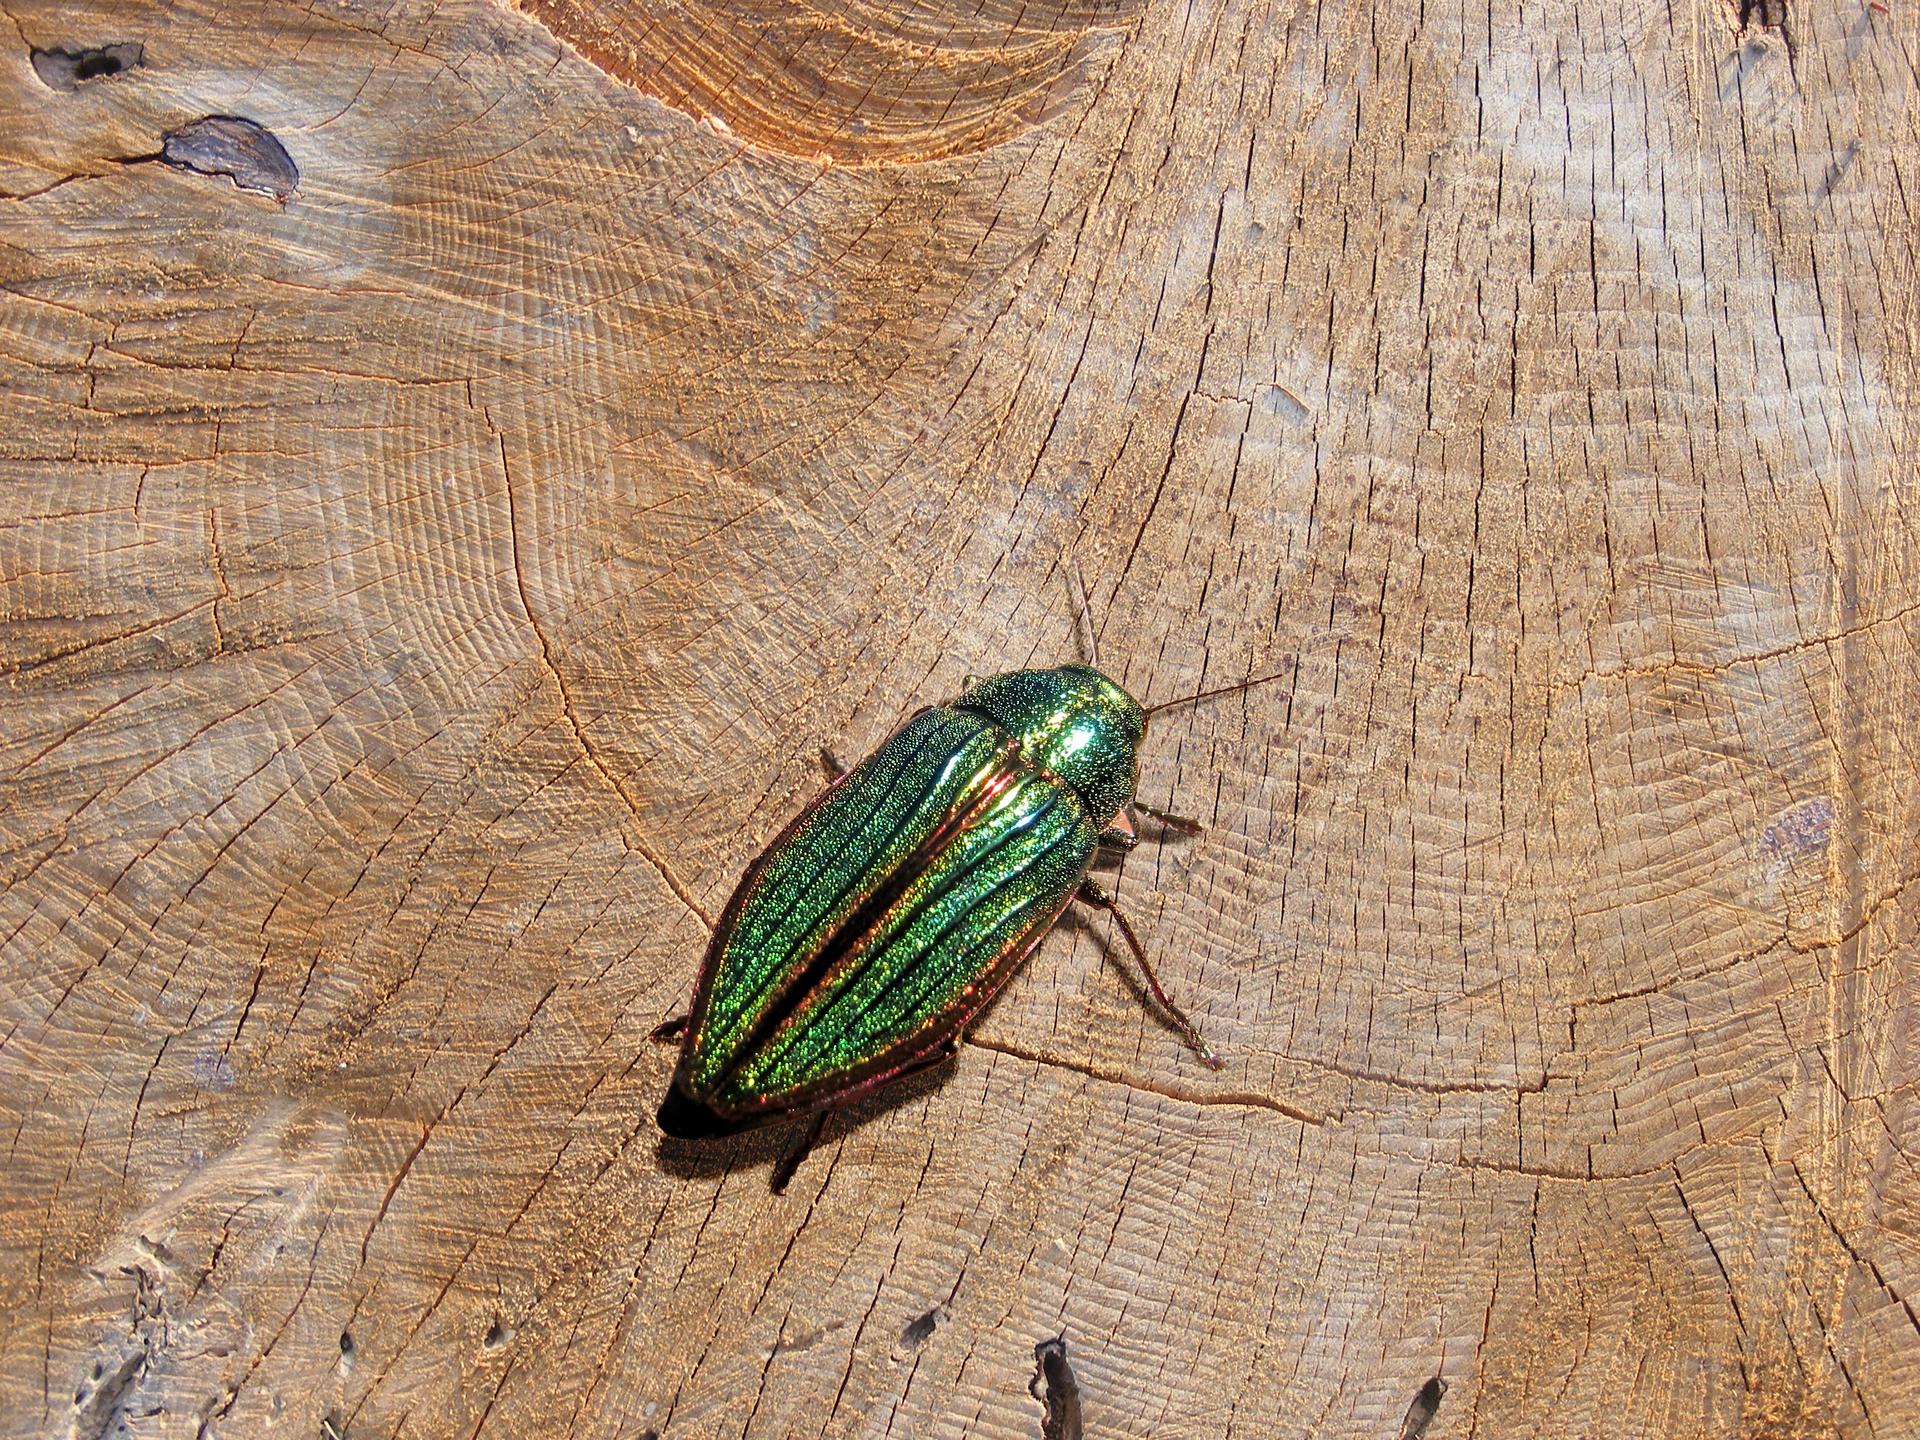 Fotografia przedstawia zbliżenie zielono mieniącego się owada na ściętym pniu. To niewielki chrząszcz bogatek wspaniały.